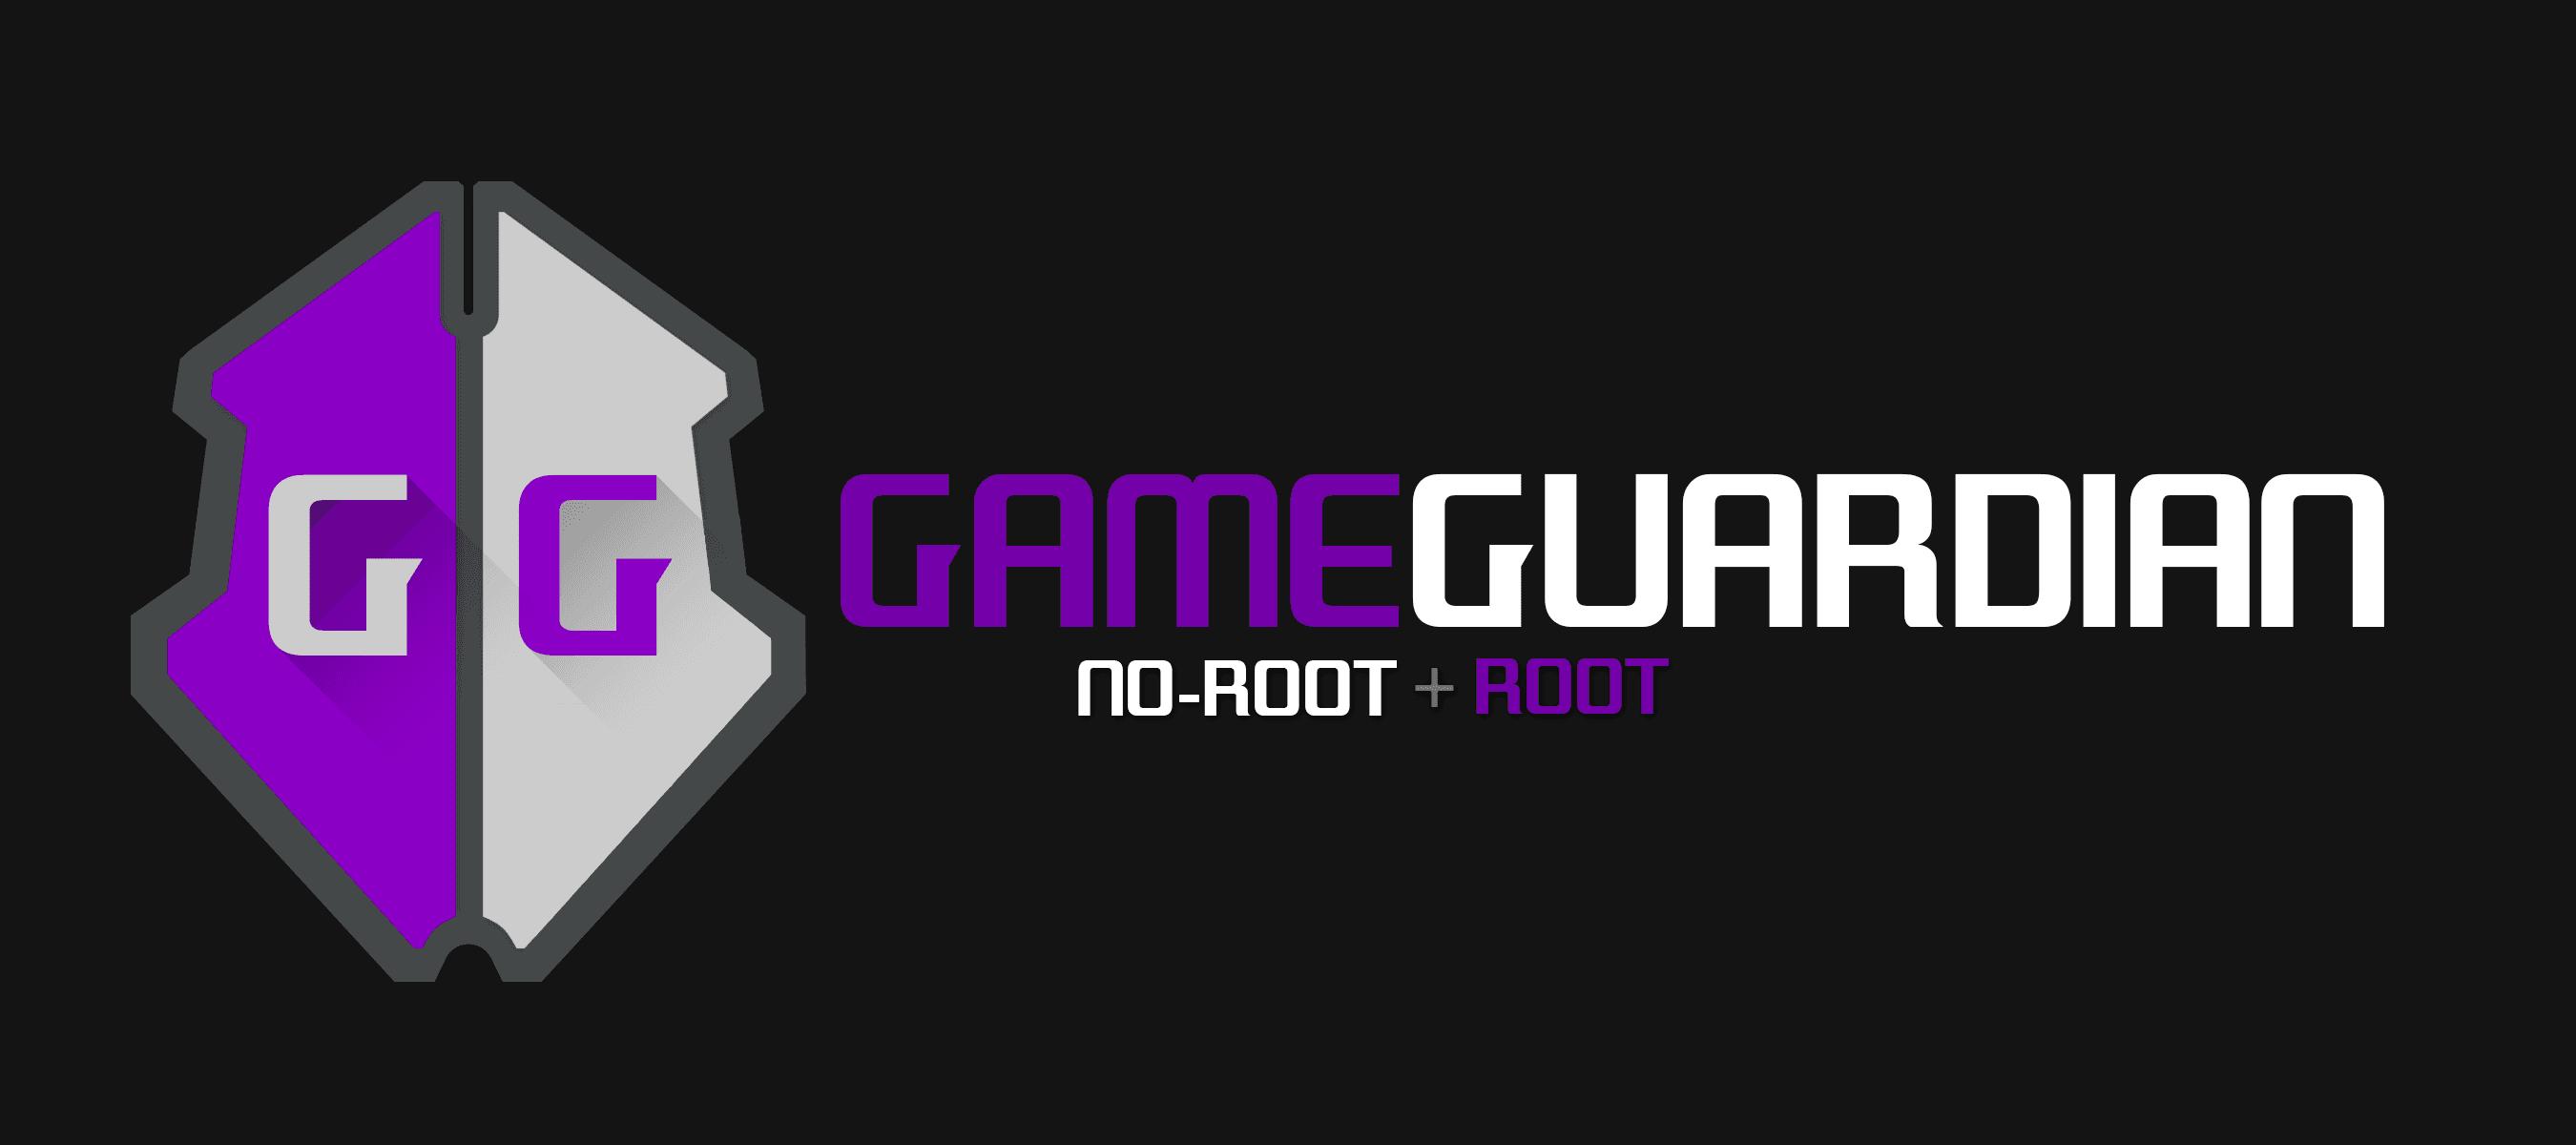 Gameguardian 8. 73. 6 скачать для android apk бесплатно.